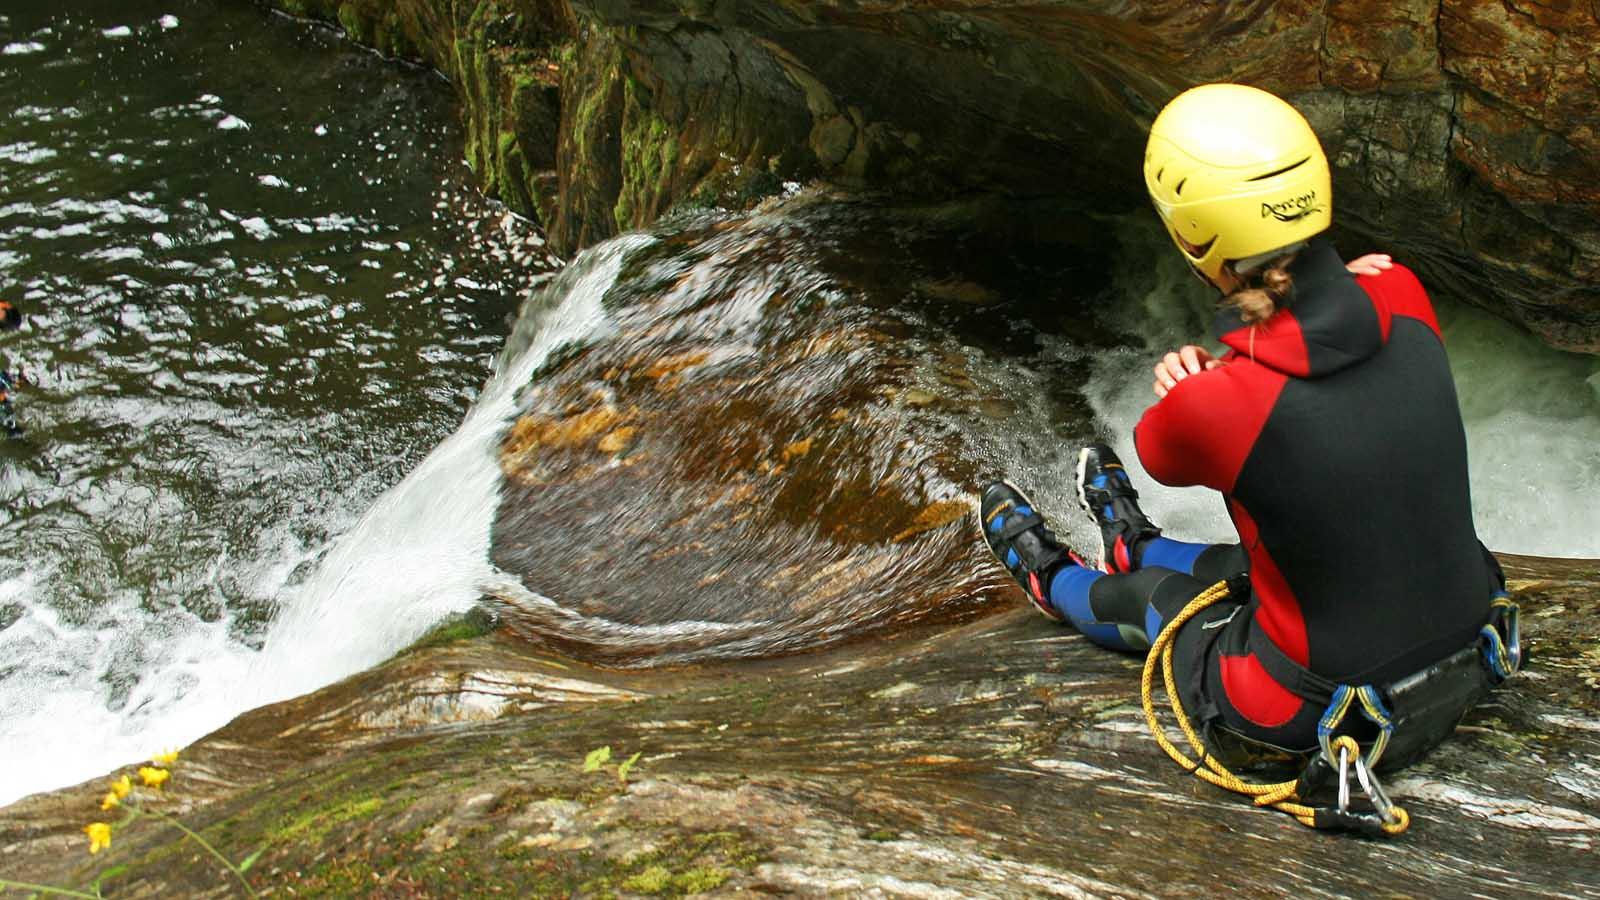 Klettergurt Canyoning : Blog willkommen bei kärnten canyoning & outdoor in